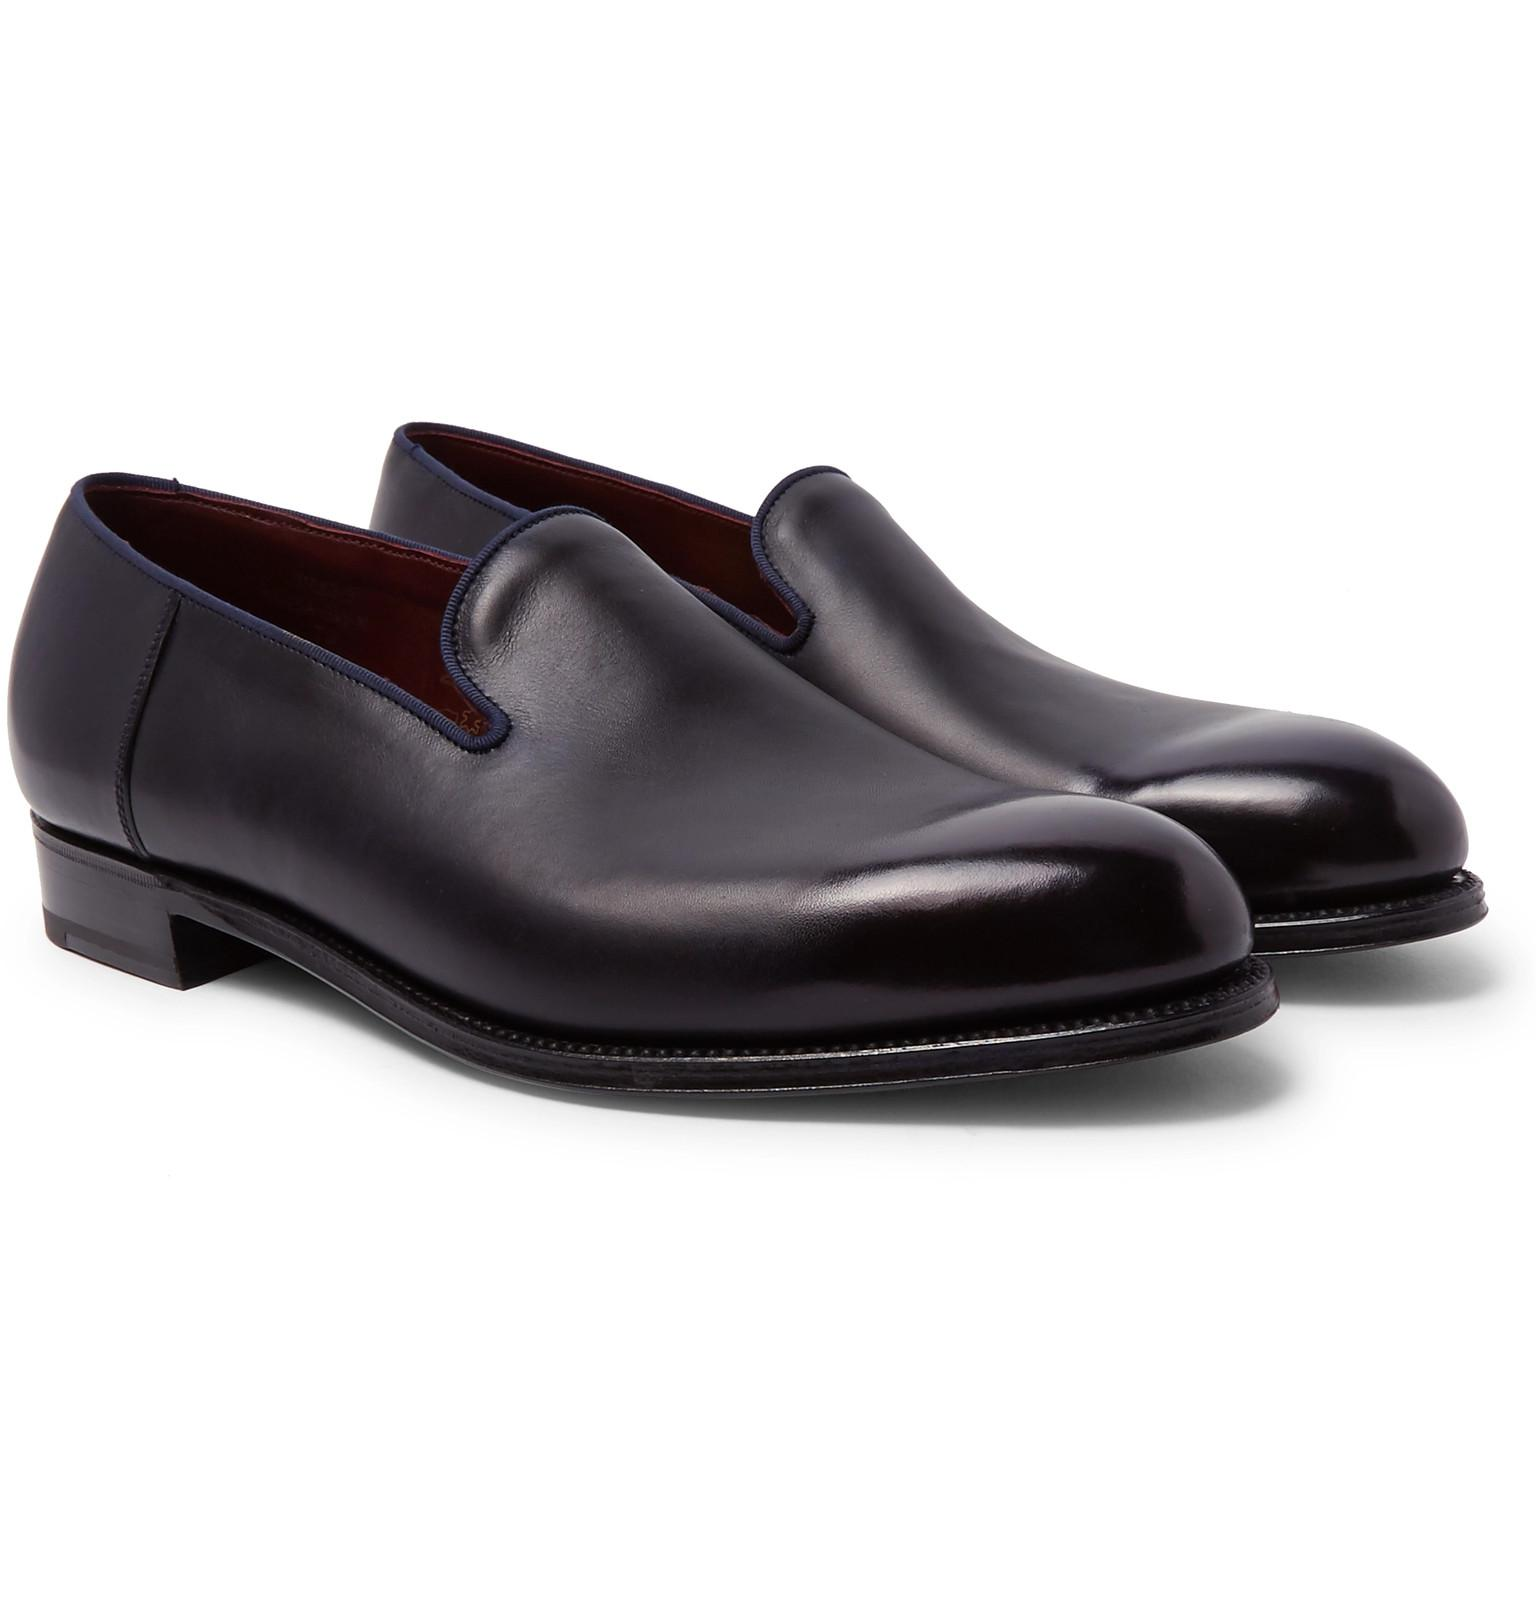 b4f60e6f5de J.M. Weston Tamponato Leather Loafers in Blue for Men - Lyst